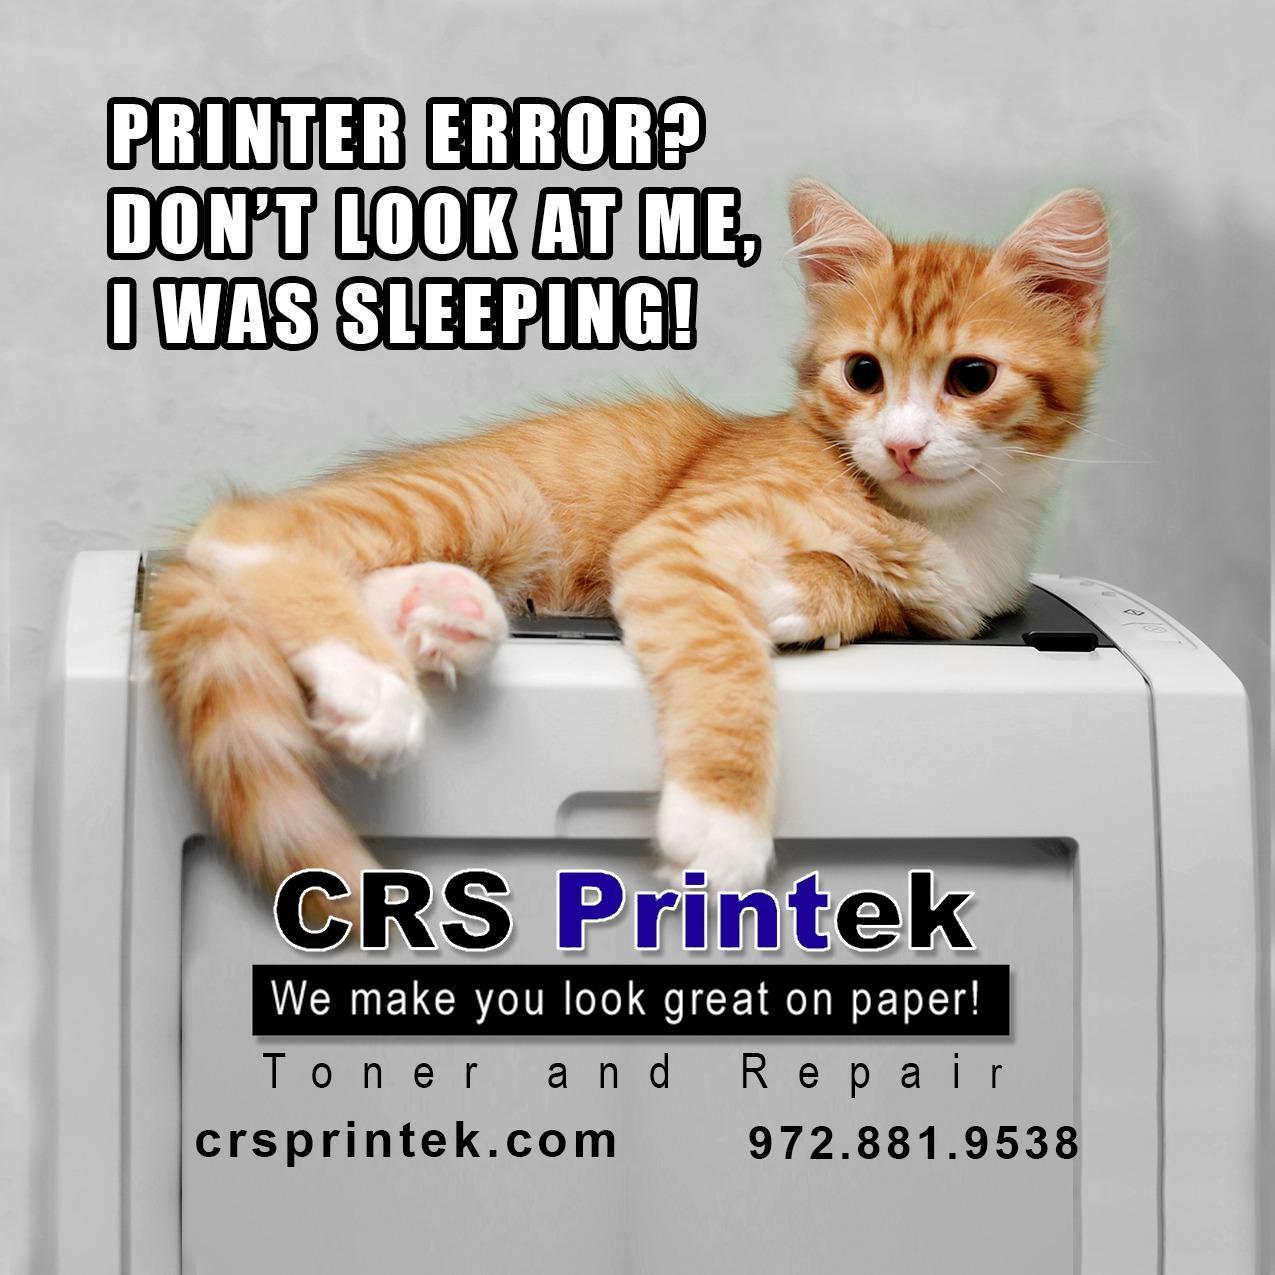 CRS Printek image 4